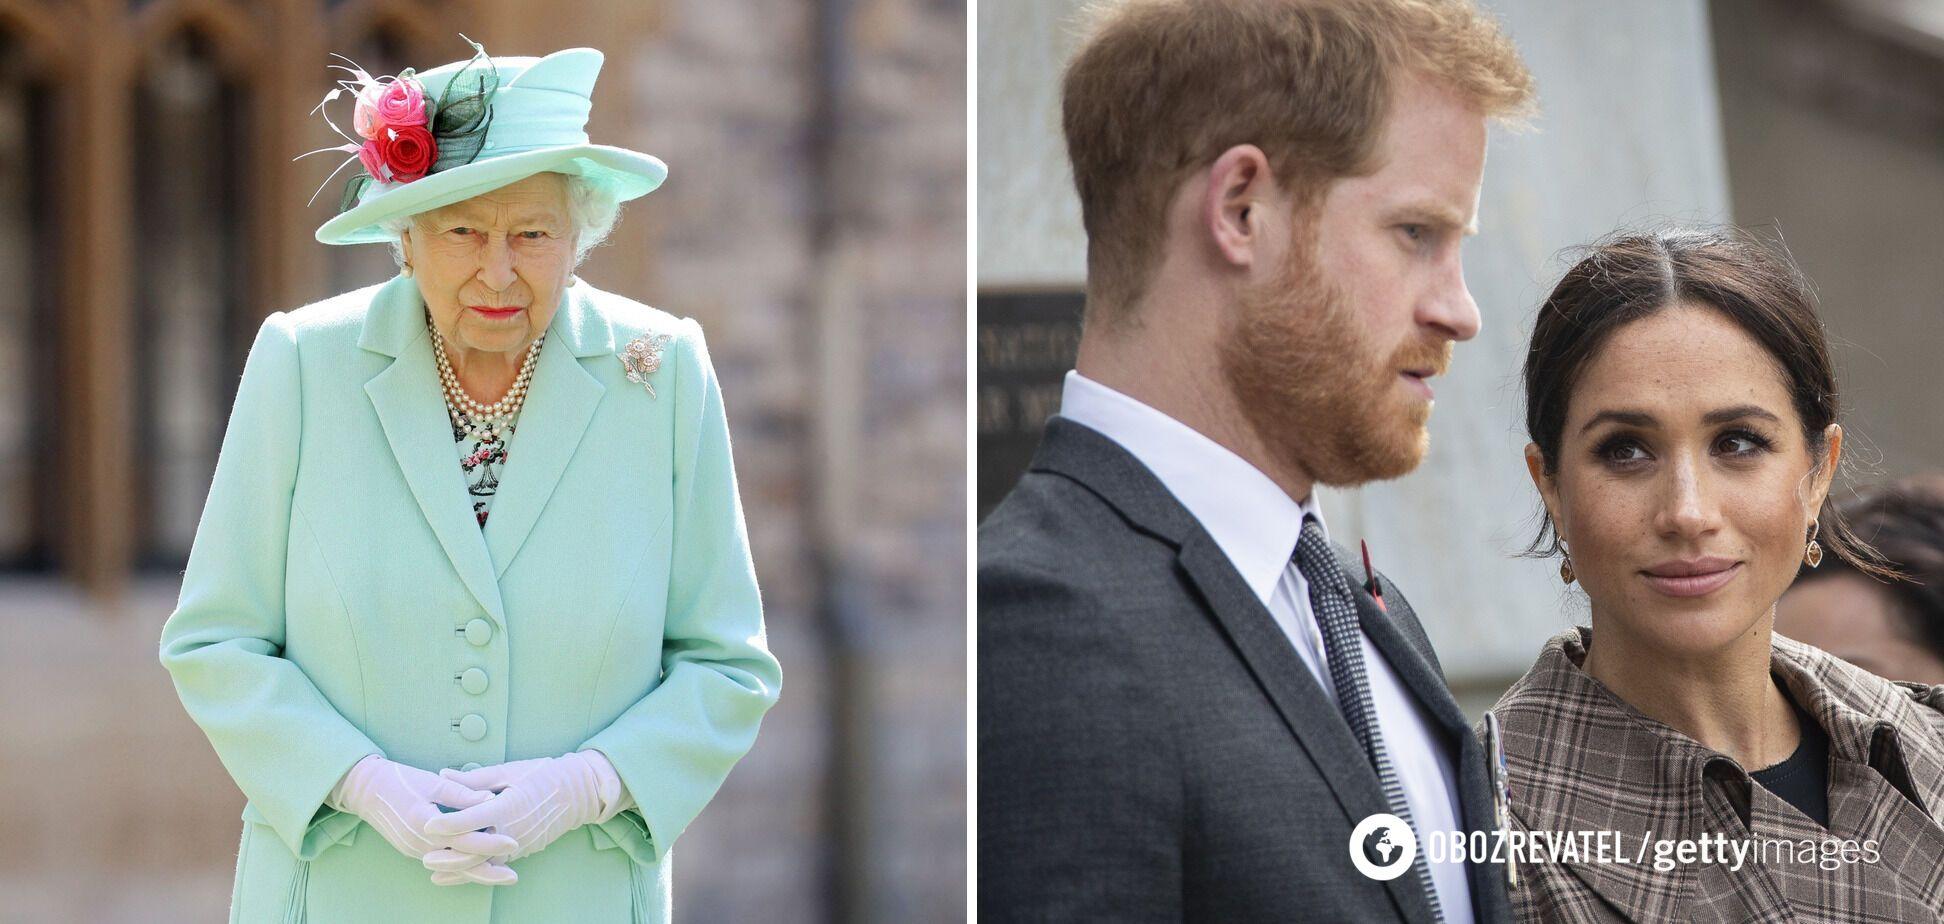 Єлизавета II, принц Гаррі та Меган Маркл